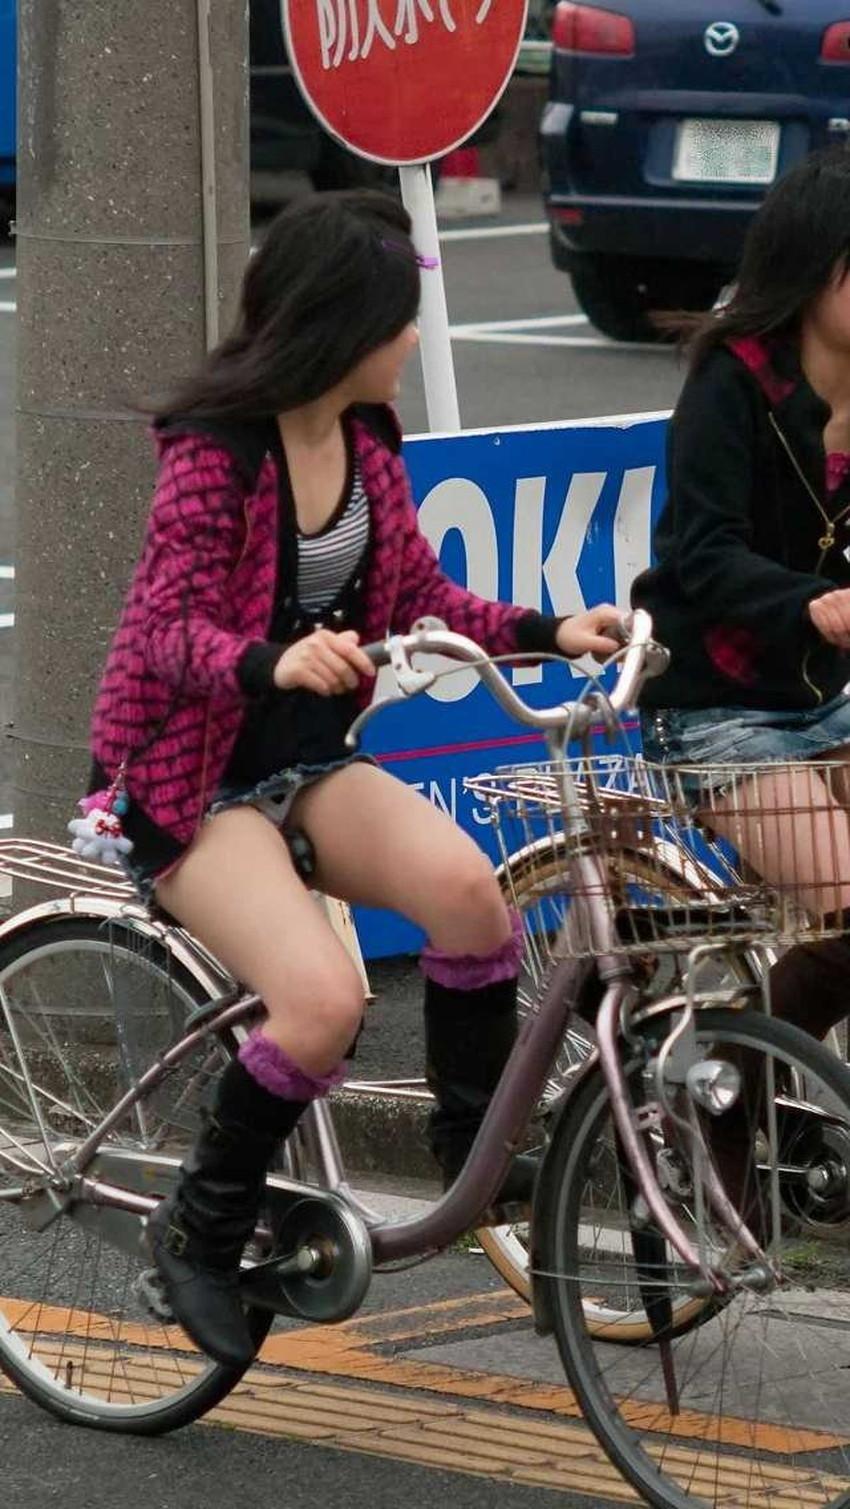 【チャリパンチラエロ画像】ヒラヒラスカートの自転車女子は要注意!走行中や停車中にパンチラした瞬間を盗撮したチャリパンチラのエロ画像集!ww【80枚】 15